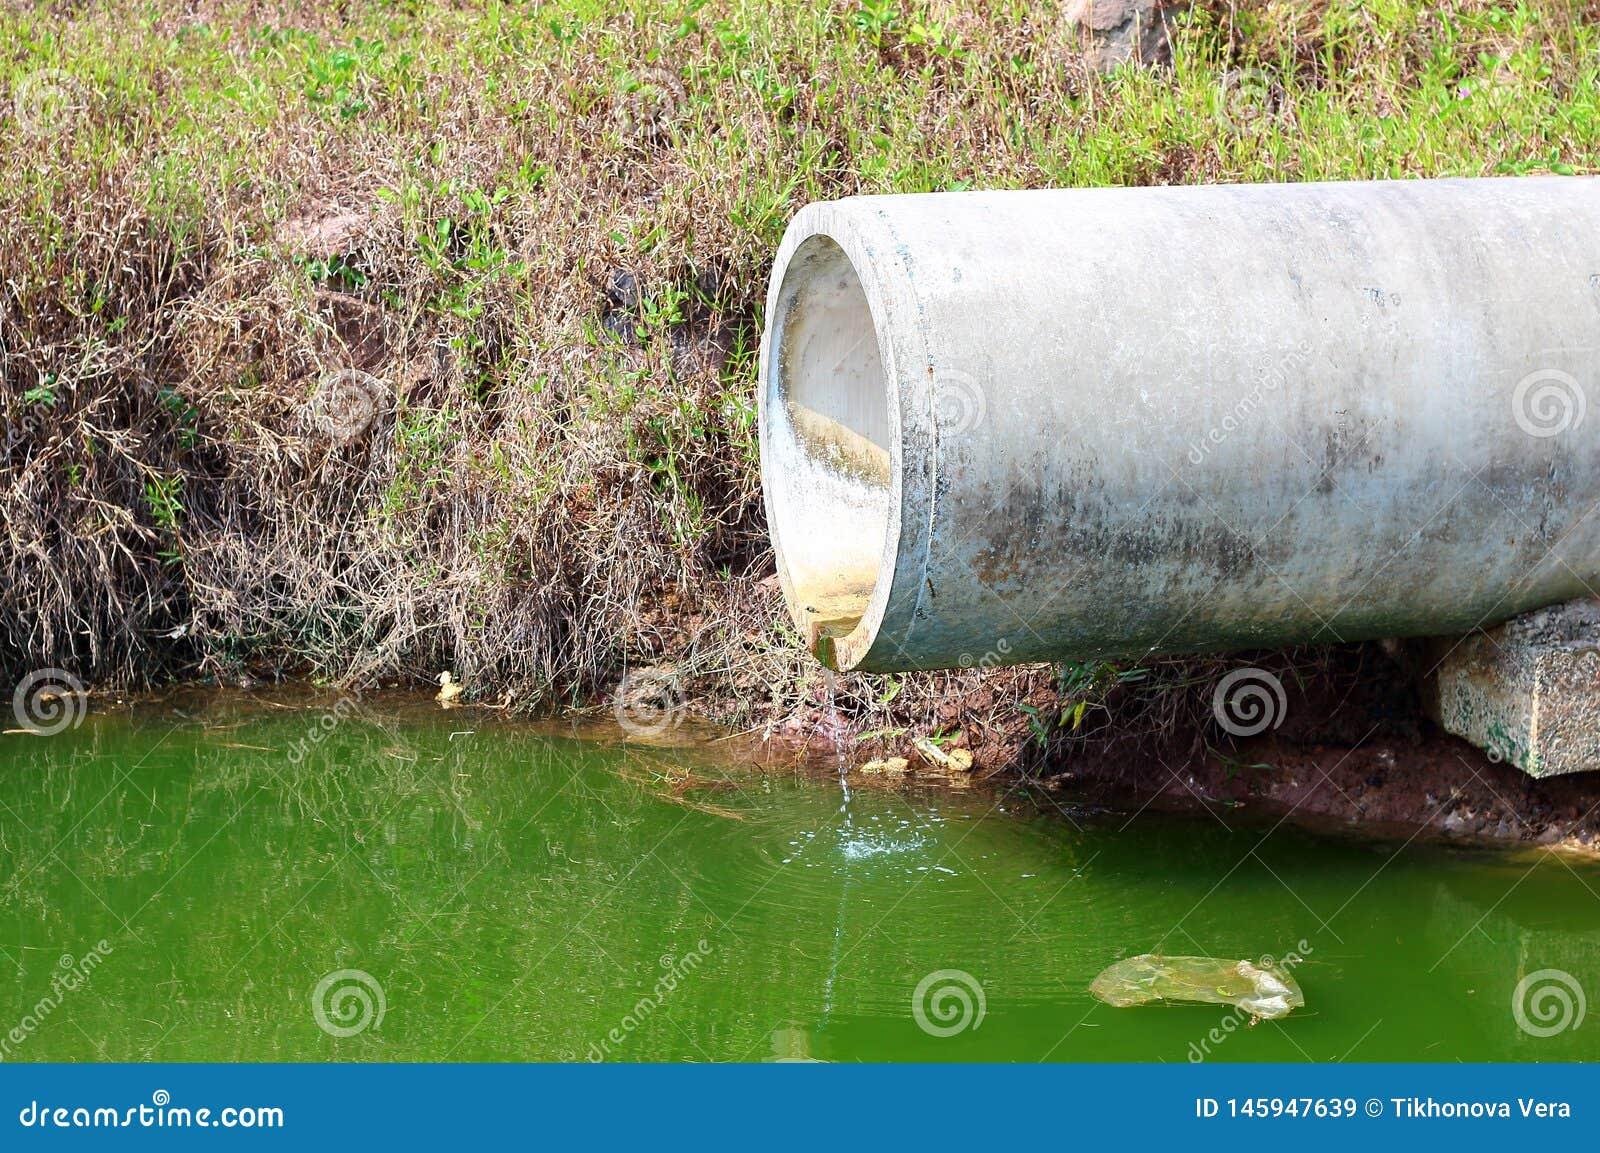 Pojęcia zanieczyszczenie środowiska